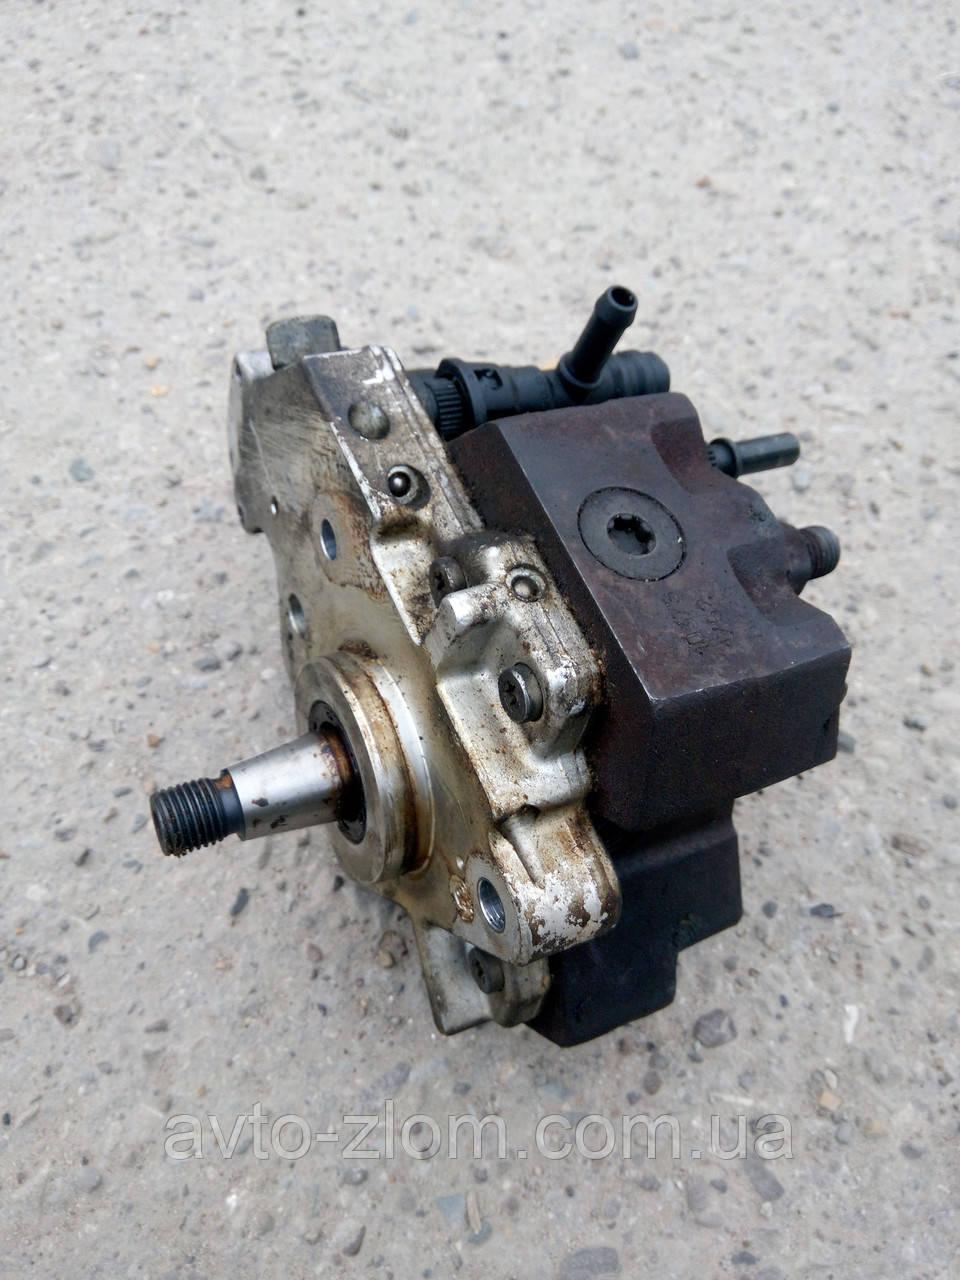 Топливный насос Opel Vivaro, Renault Trafic, Nissan Primastar, Виваро, Трафик 1,9 DCI. 0445010075, 8200108225.